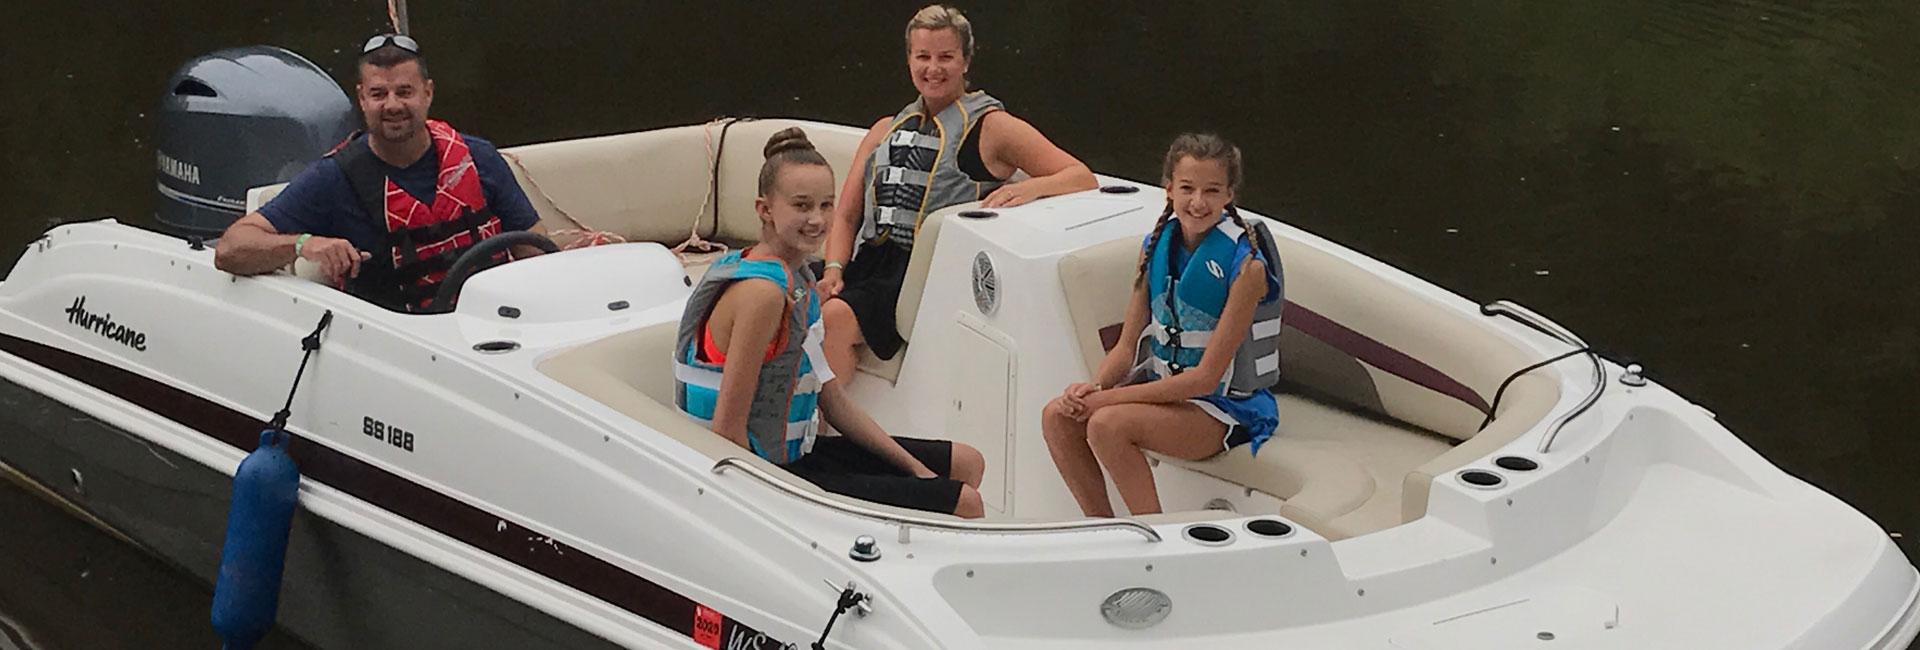 Family Ski Boat